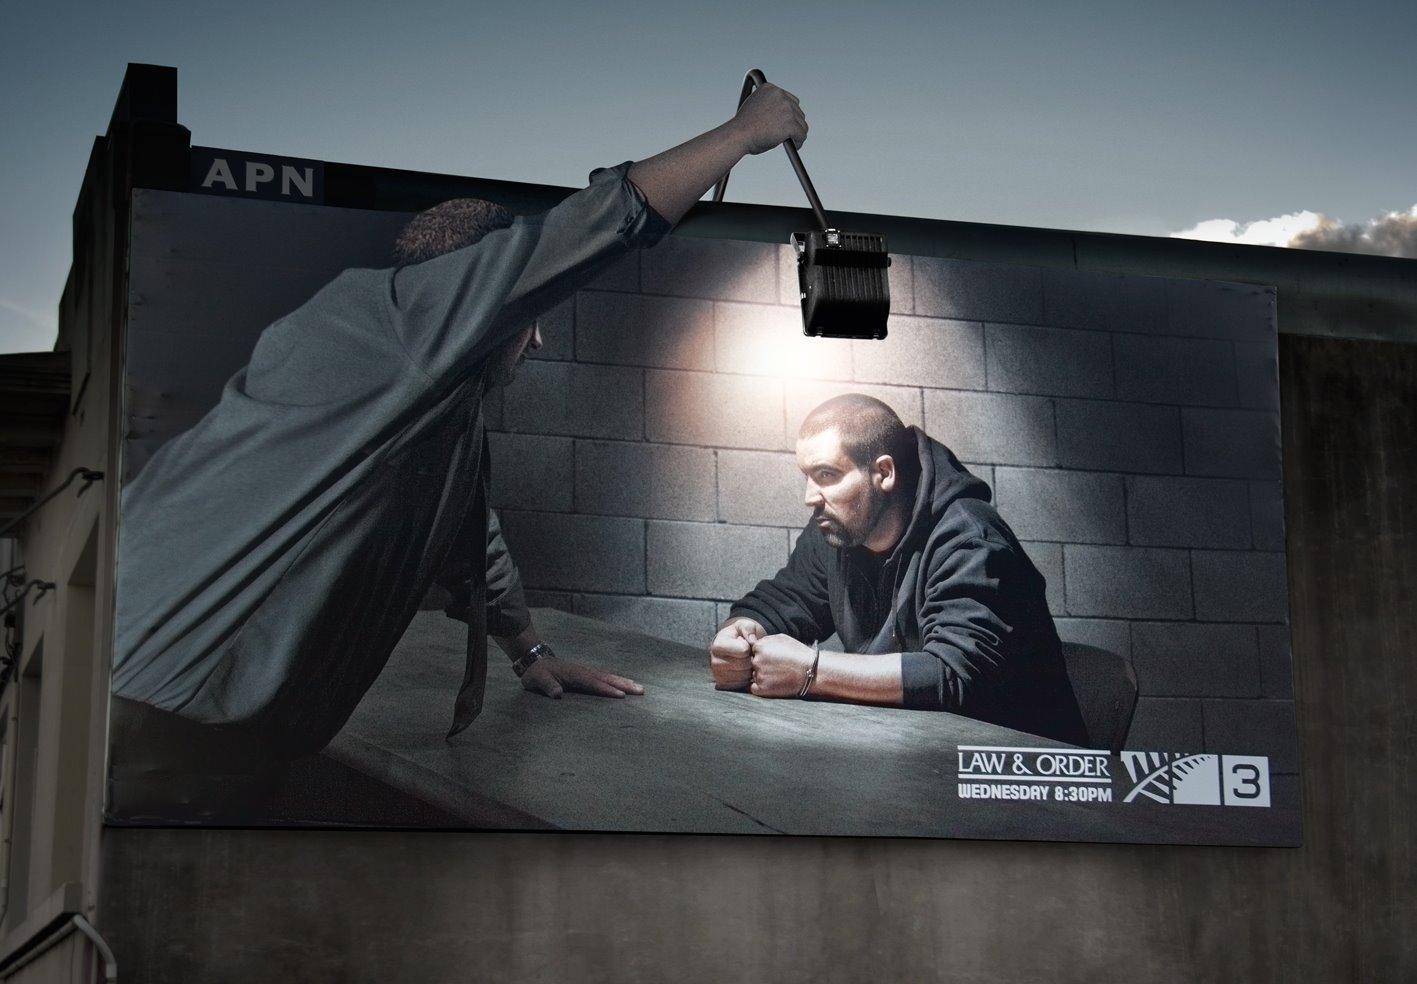 Outdoor-Advertising-44